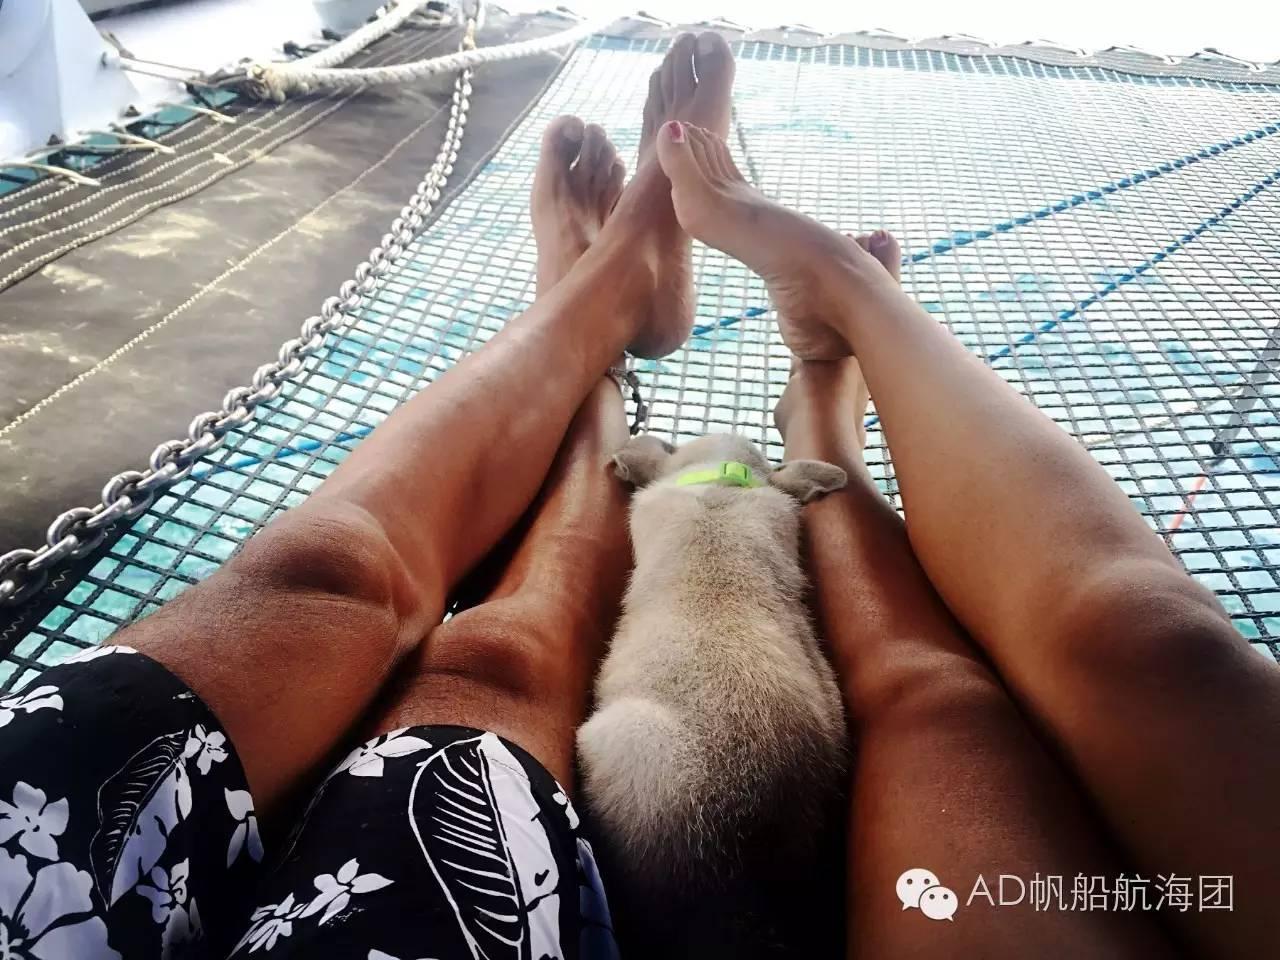 与航海无关—一只水手狗的羁绊 9ee2e612537a42ff42e9c214ae37b74e.jpg